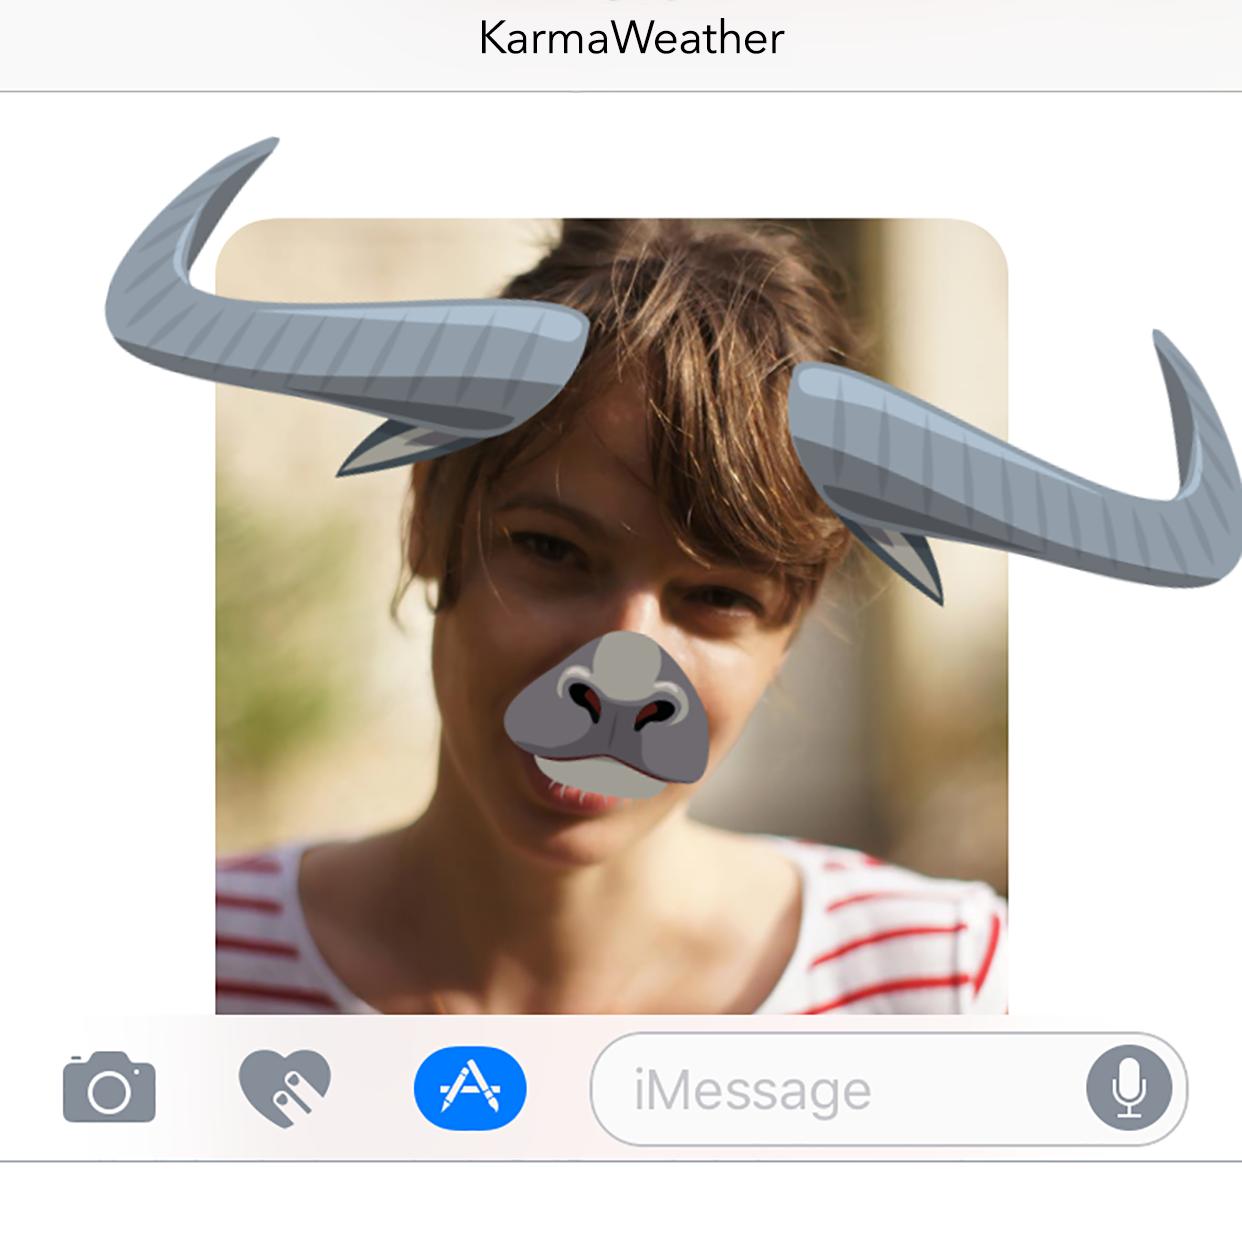 Avec la dernière version à jour de  l'application d'astrologie chinoise gratuite KarmaWeather pour iPhone , découvrez également notre nouvelle fonctionnalité pour iMessage :les filtres KarmaWeather des 12 animaux du zodiaque chinois. Idéal pour surprendre vos amis avec des selfies à votre image !